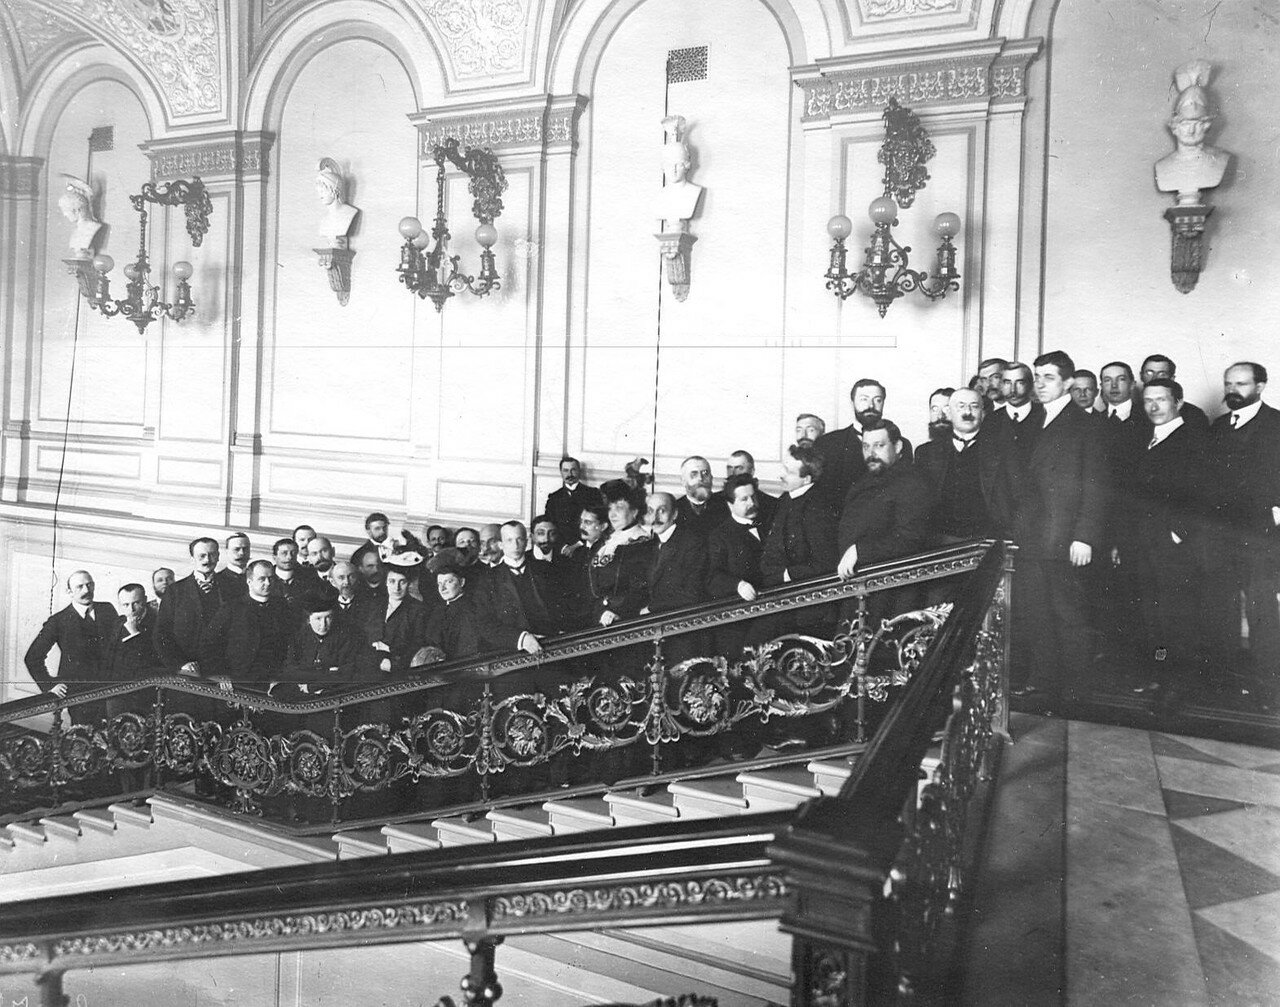 Март 1906. Группа выборщиков в Первую Государственную думу на лестнице избирательного пункта